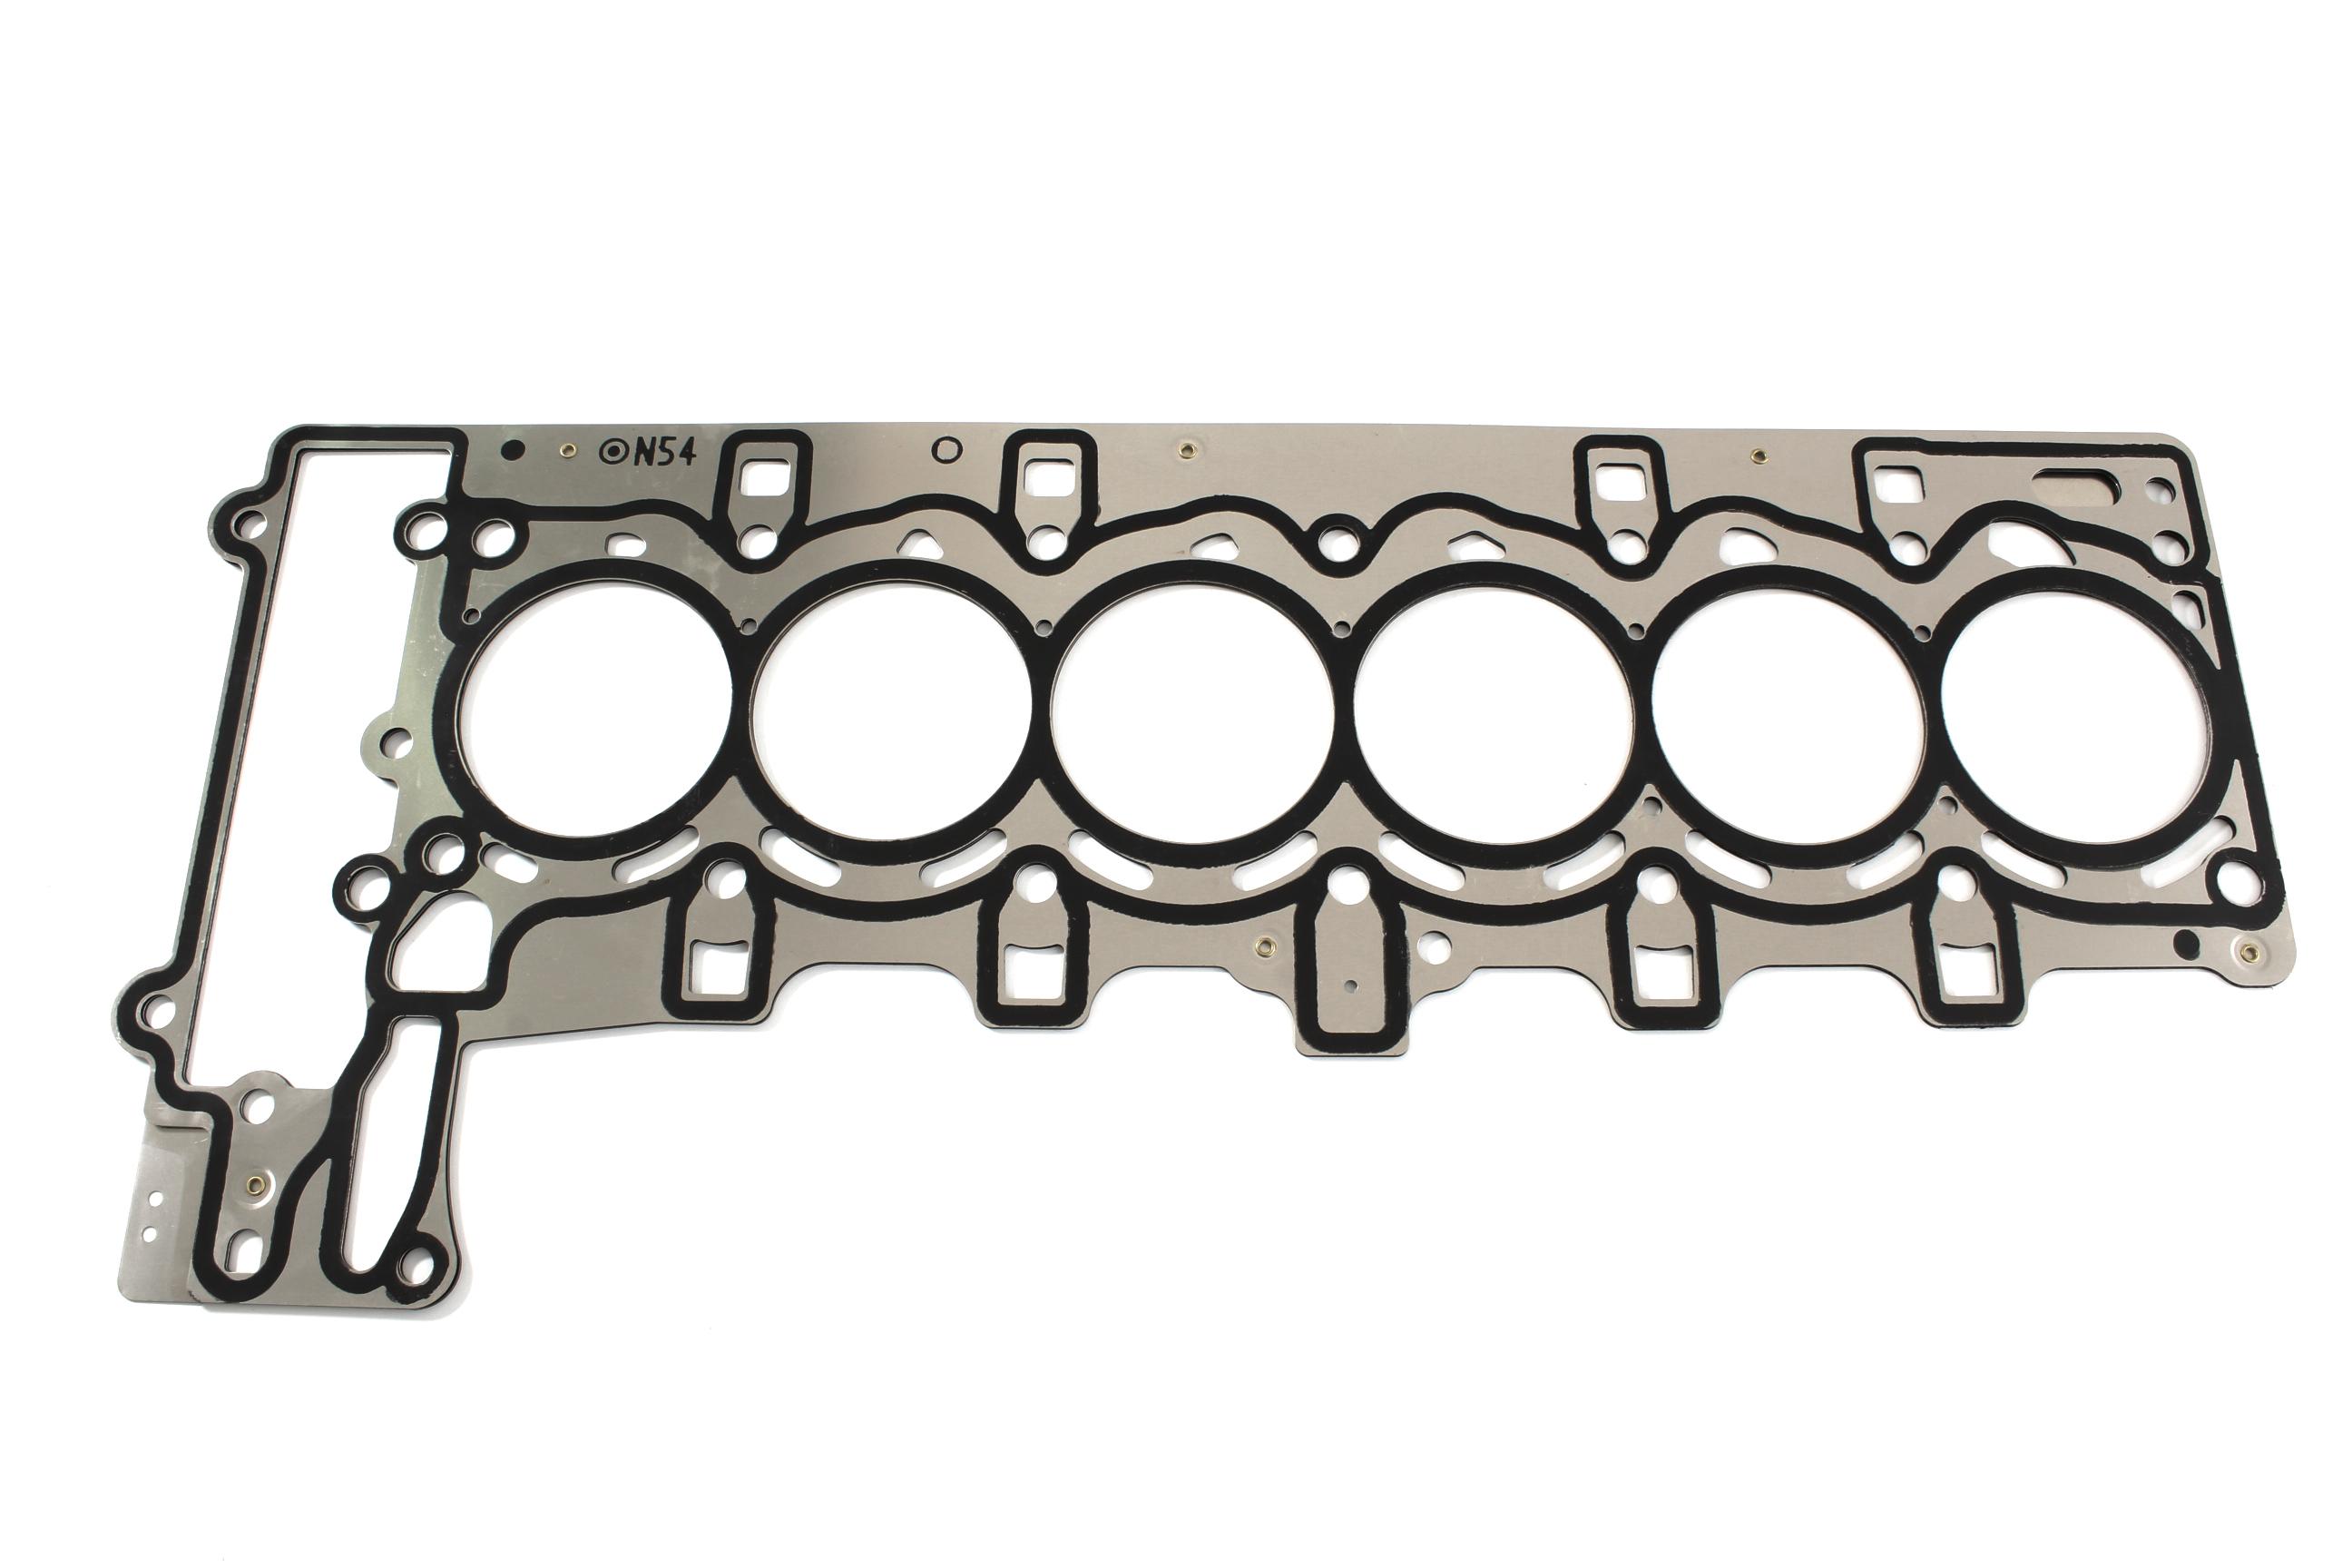 Zylinderkopfdichtung BMW Z4 E89 3,0 35 i N54 N54B30A 11127557265 NEU